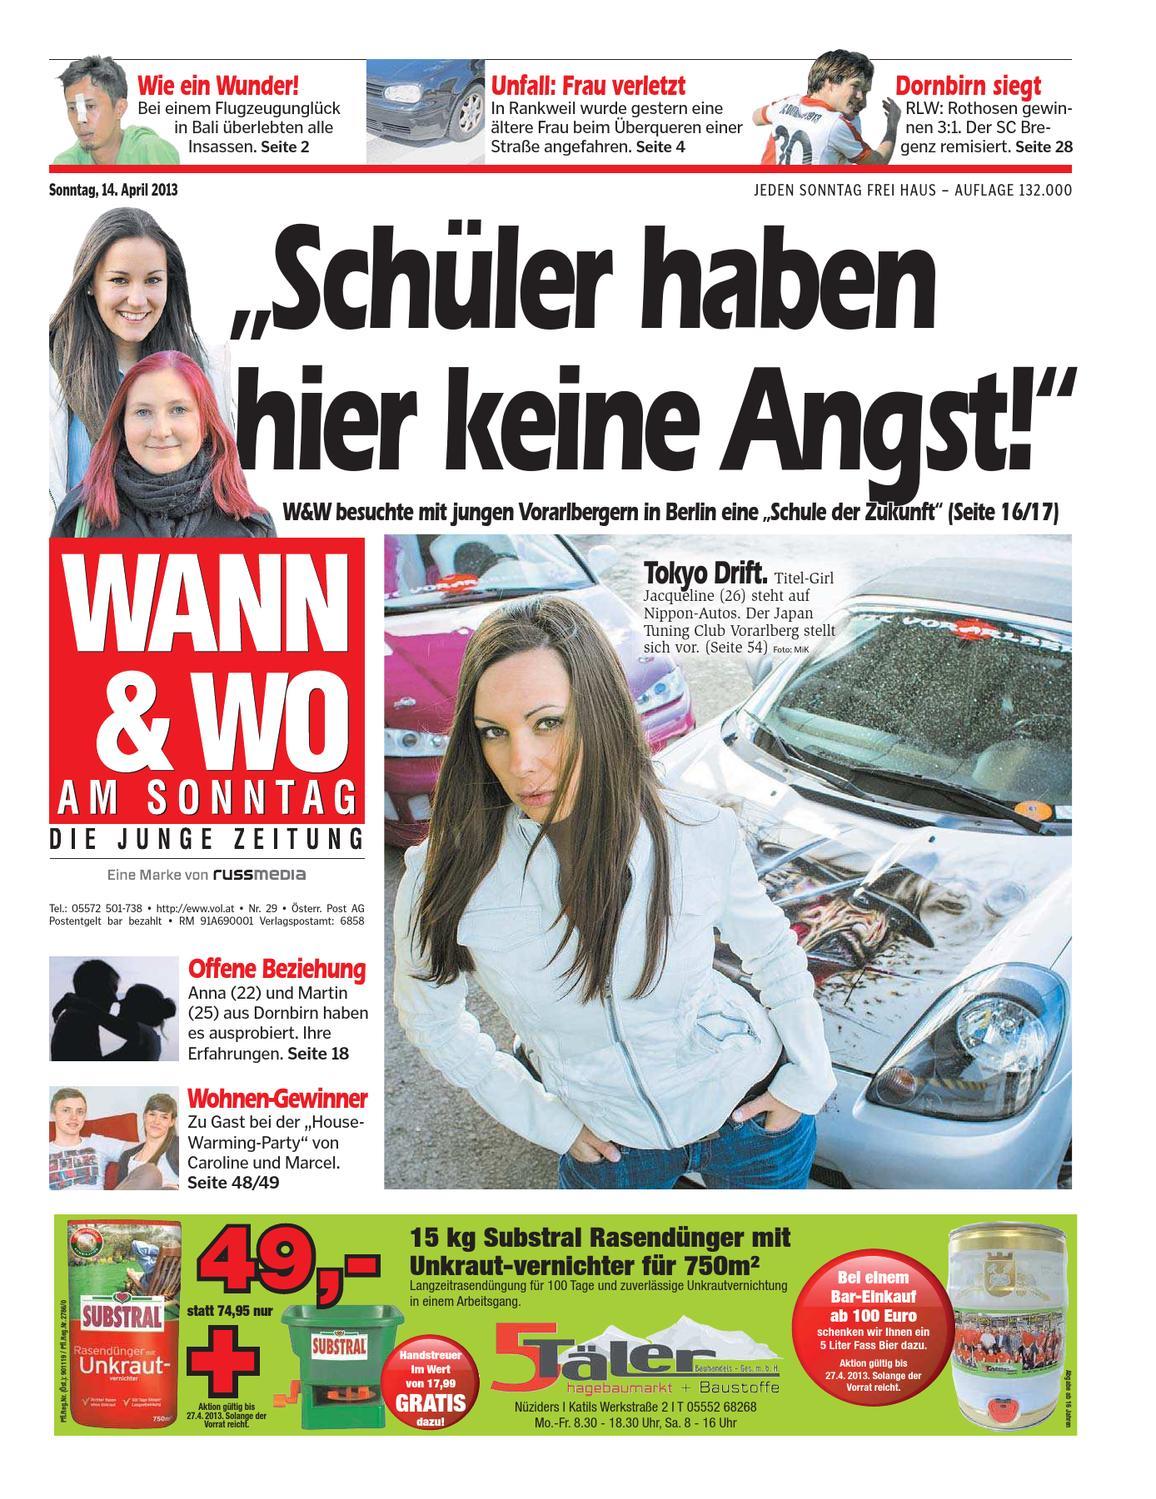 issuesWAWO 20130414 by Russmedia Digital GmbH - issuu 4abd26842f